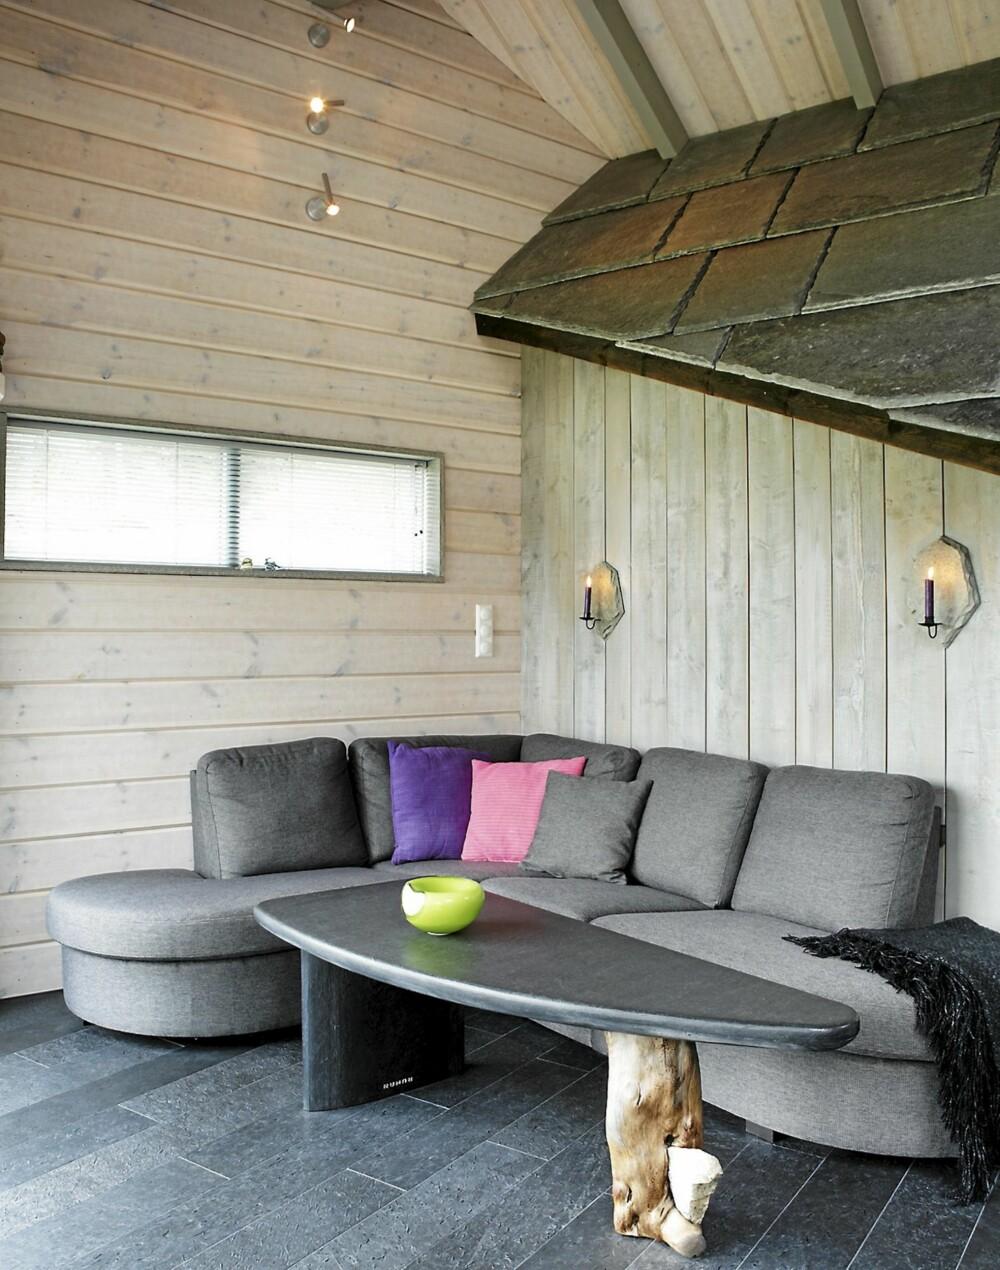 LUFTIG: Den solide takhøyden gjør stuen luftig. Stueveggene er kledd med hvitlasert østerdalspanel, den grå veggen er malt med Jotun Interiør Tre 15 (s4502-y). Bærebjelkene er malt i Jotun Interiør Tre 15, lys grå 0643.